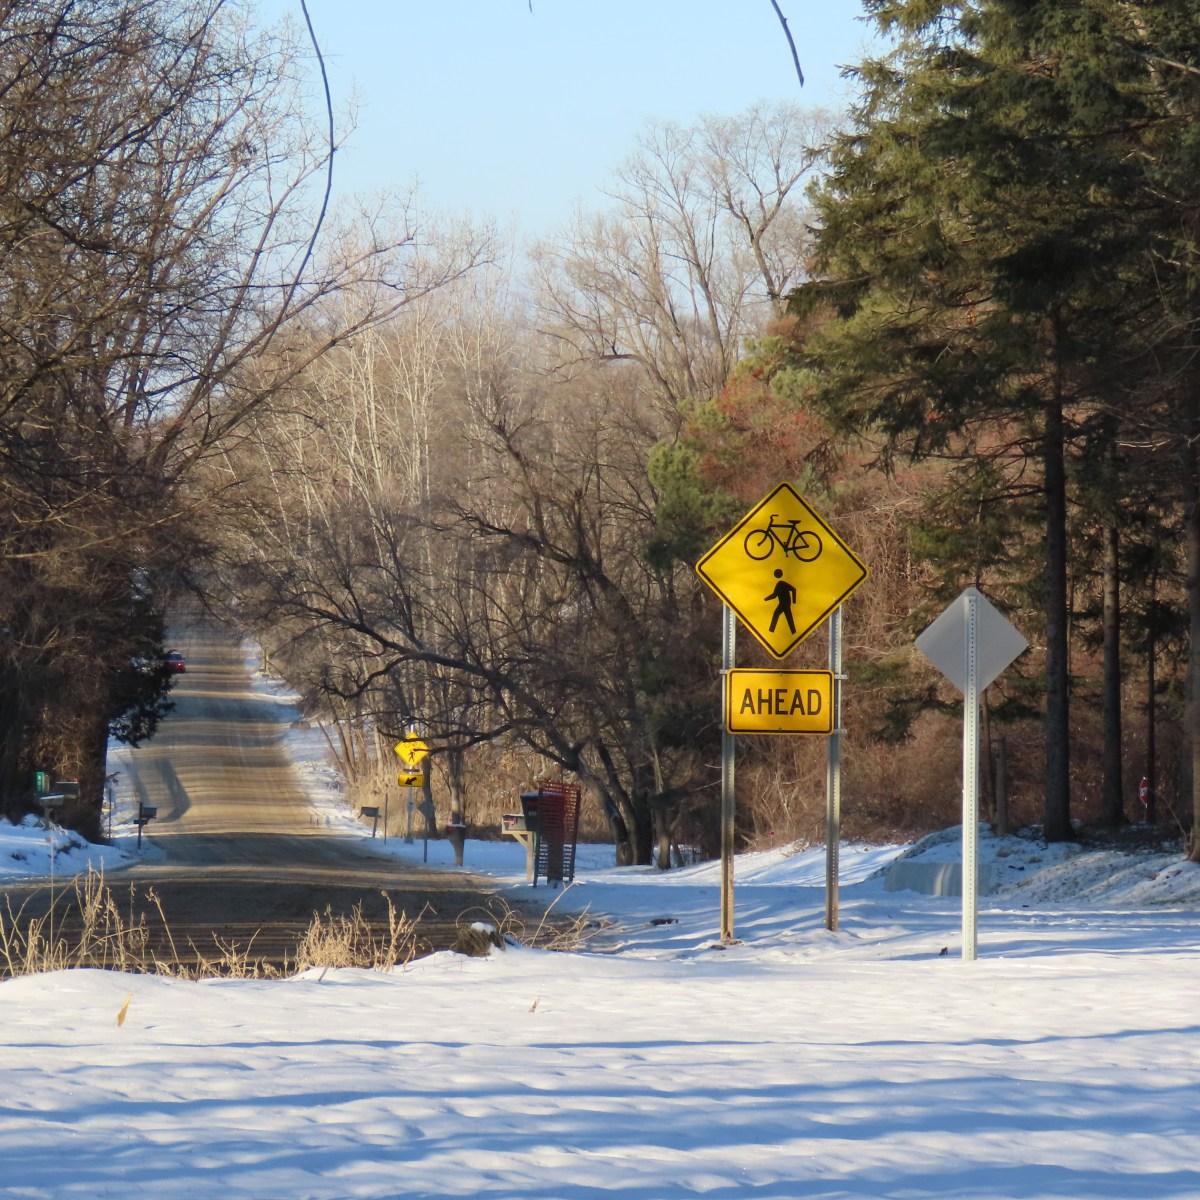 A dirt road cuts through a snow-covered path